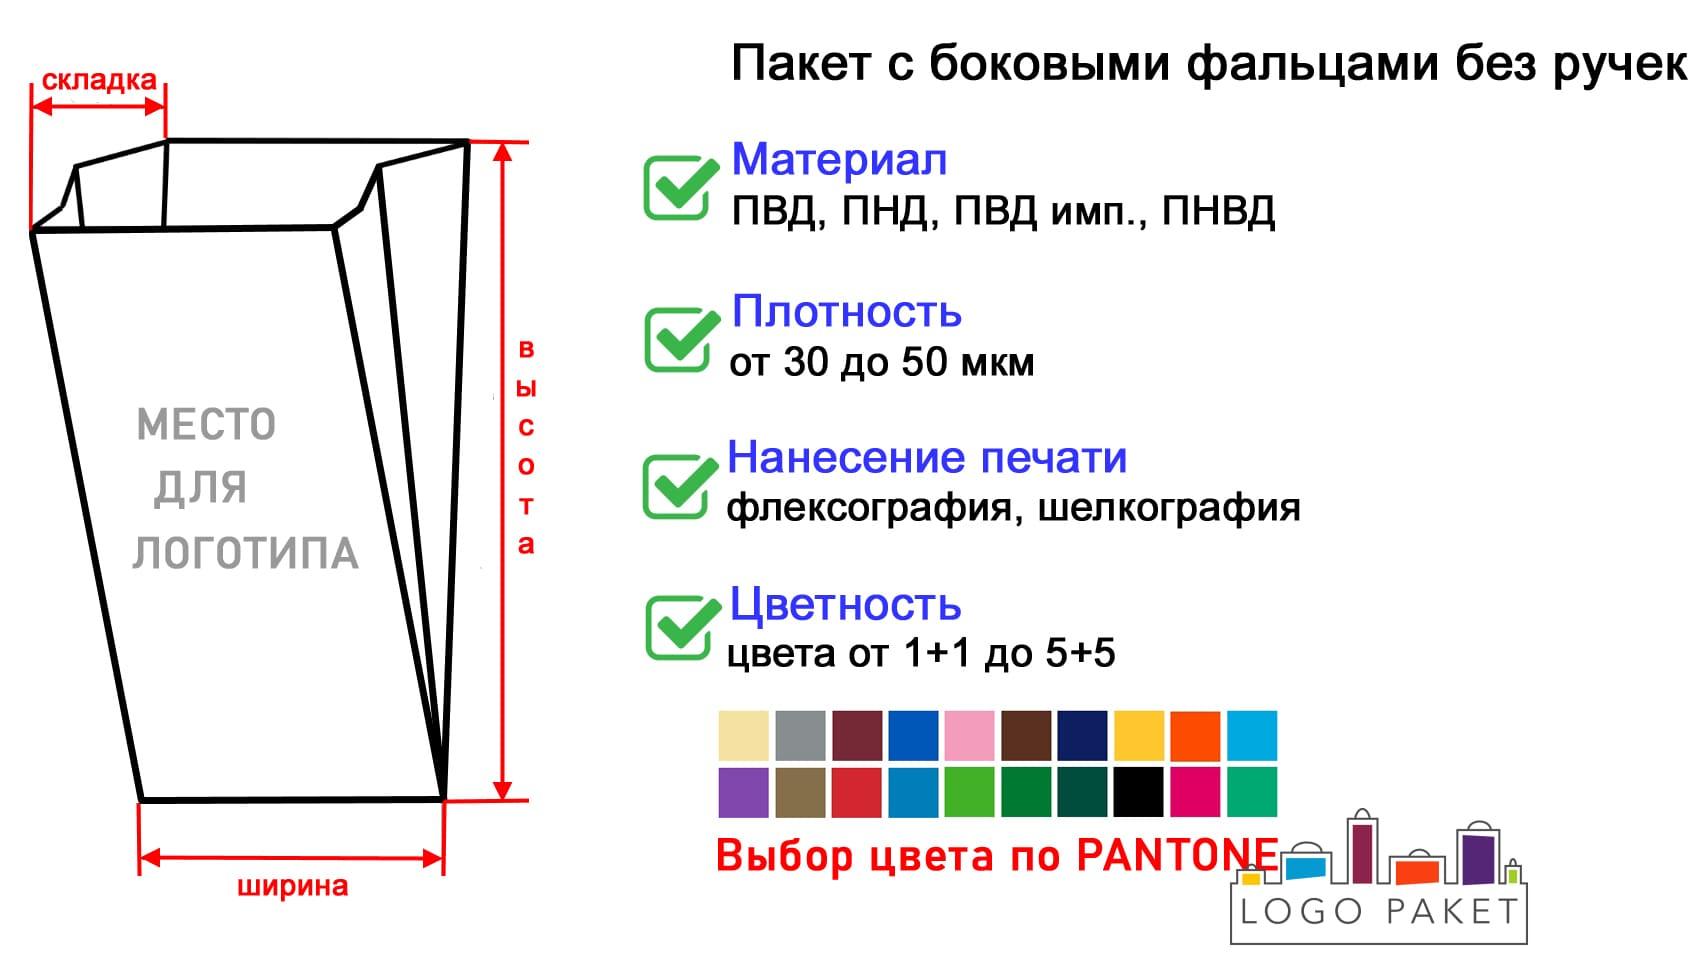 Пакет с боковыми складками без ручек инфографика